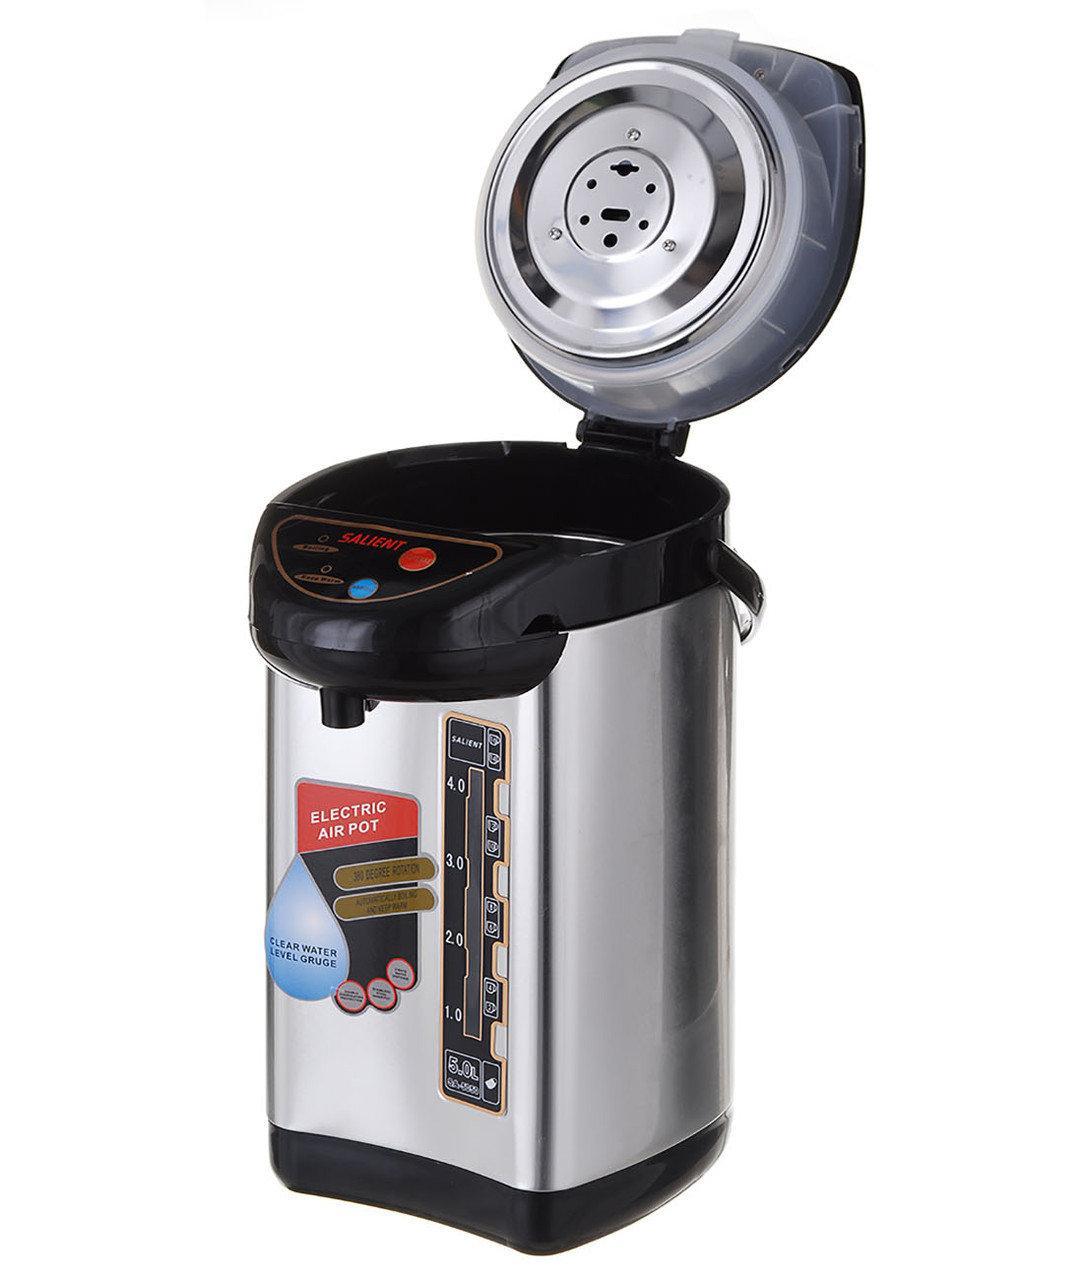 Термопот - Термос электрический с подогревом SAINAT 5.0 л (12249)